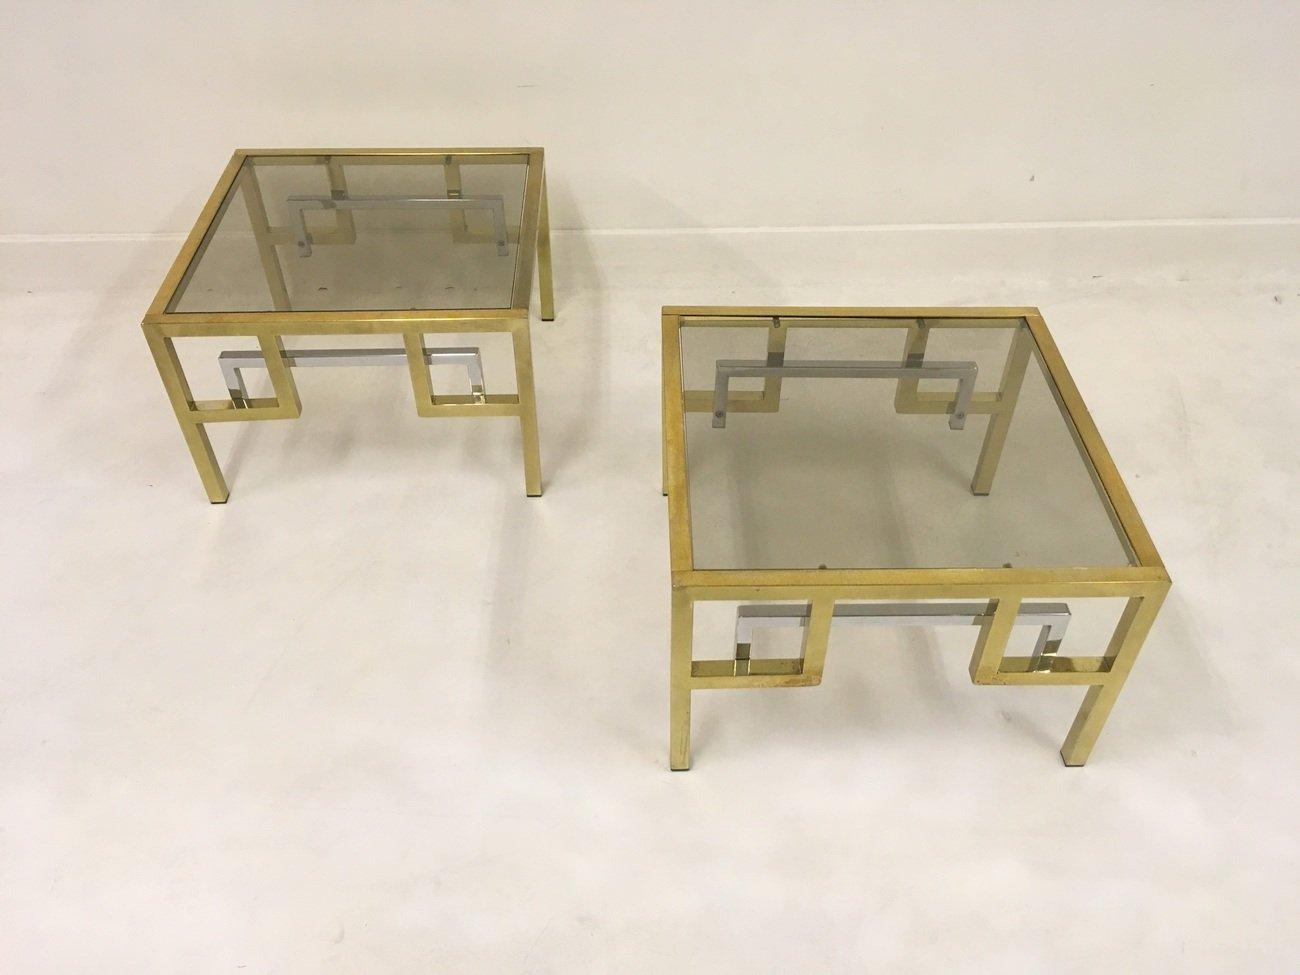 vintage beistelltische aus vergoldetem metall chrom von. Black Bedroom Furniture Sets. Home Design Ideas